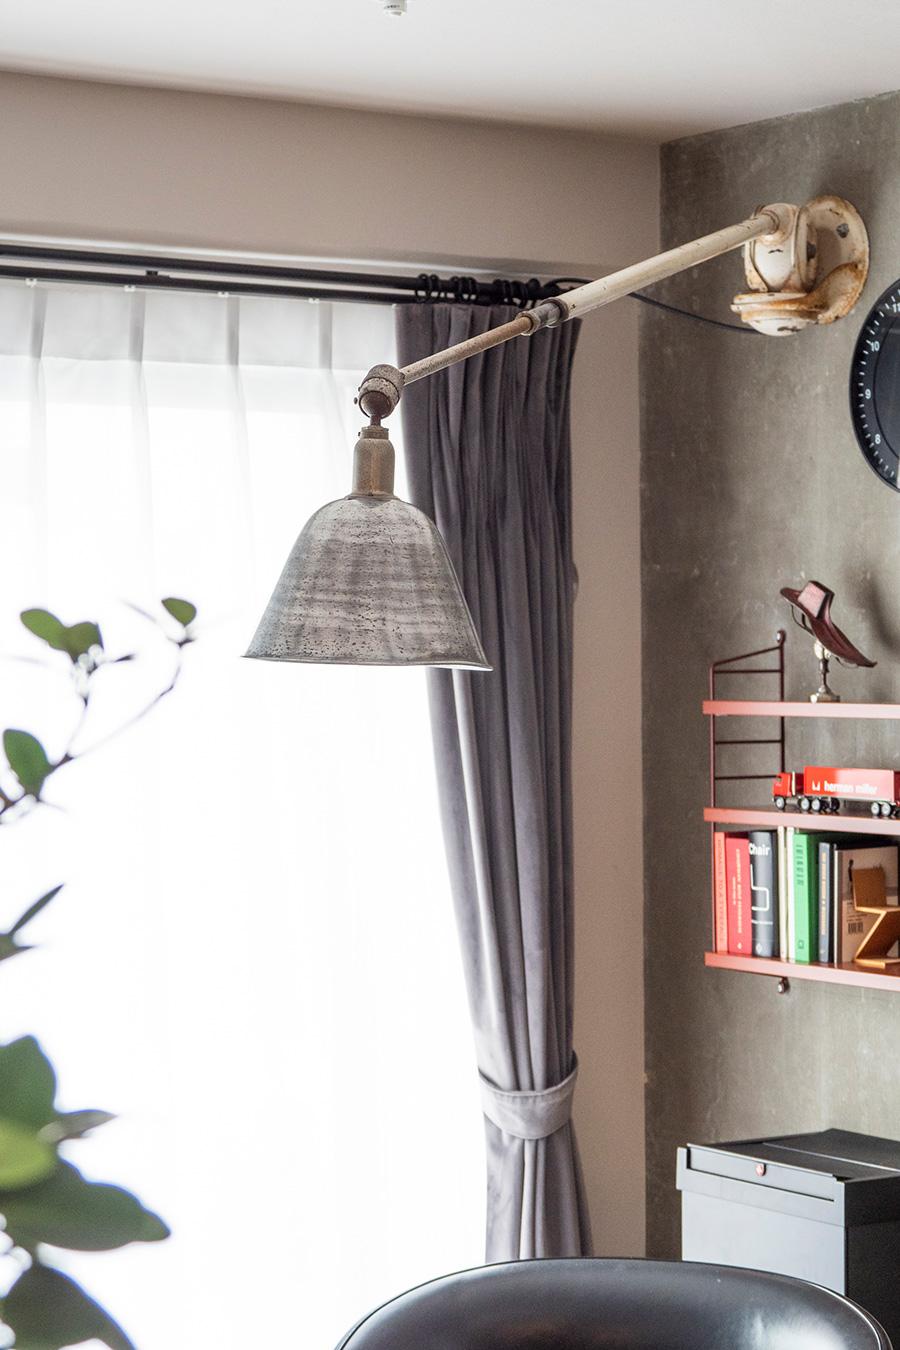 モンキーレンチの発明で有名なスウェーデンのヨハン・ペーター・ヨハンソンのアンティークランプ。スウェーデンのオークションで購入したそう。